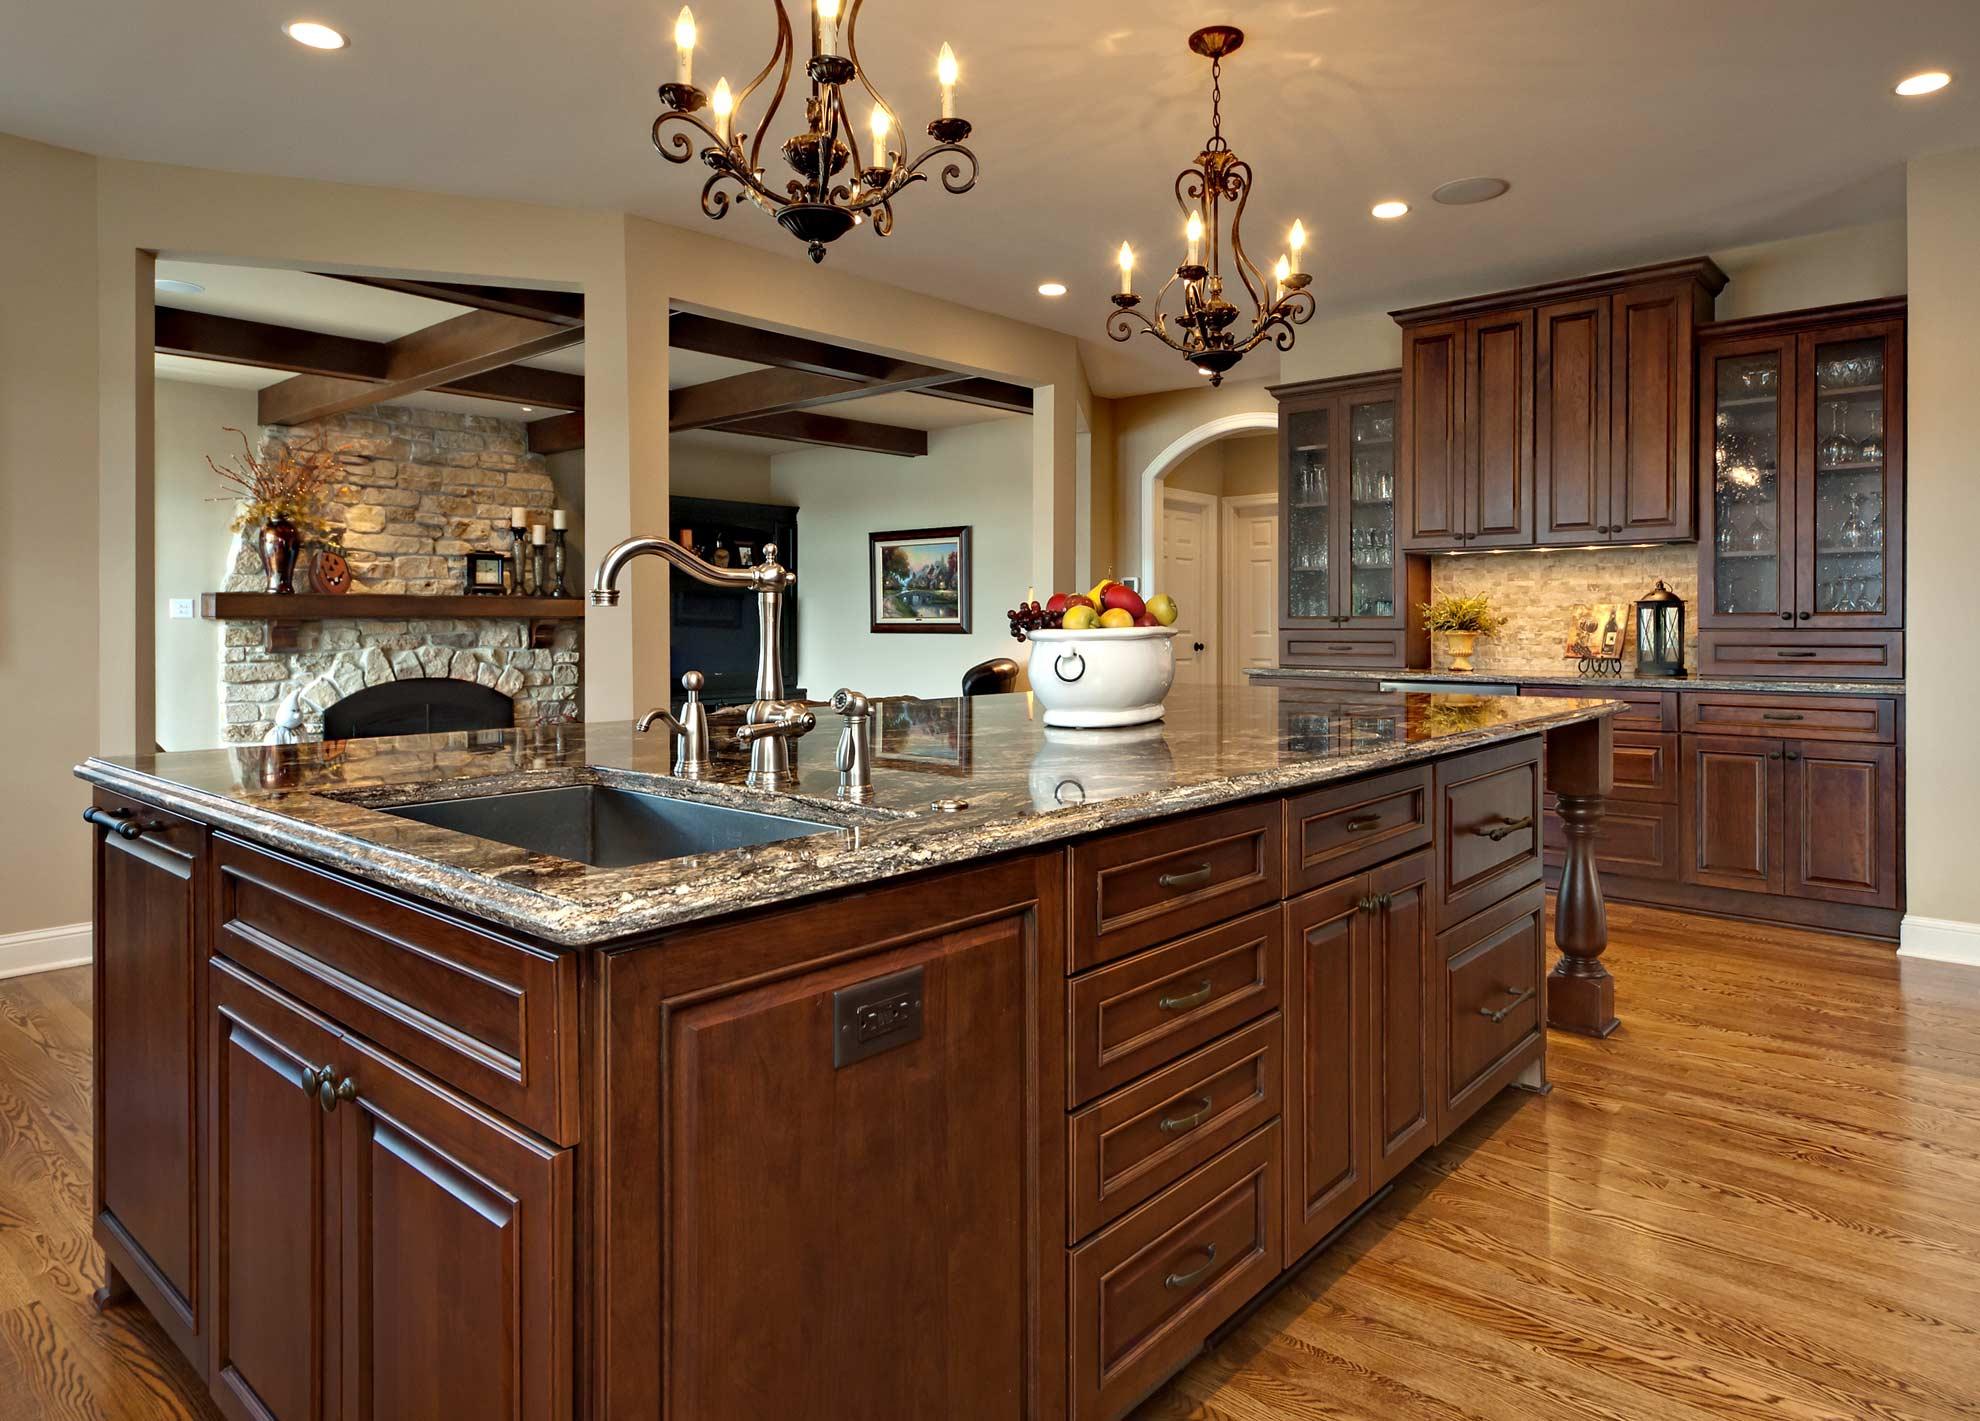 Kitchen island designs white kitchen cabinets with for Creative kitchen island designs